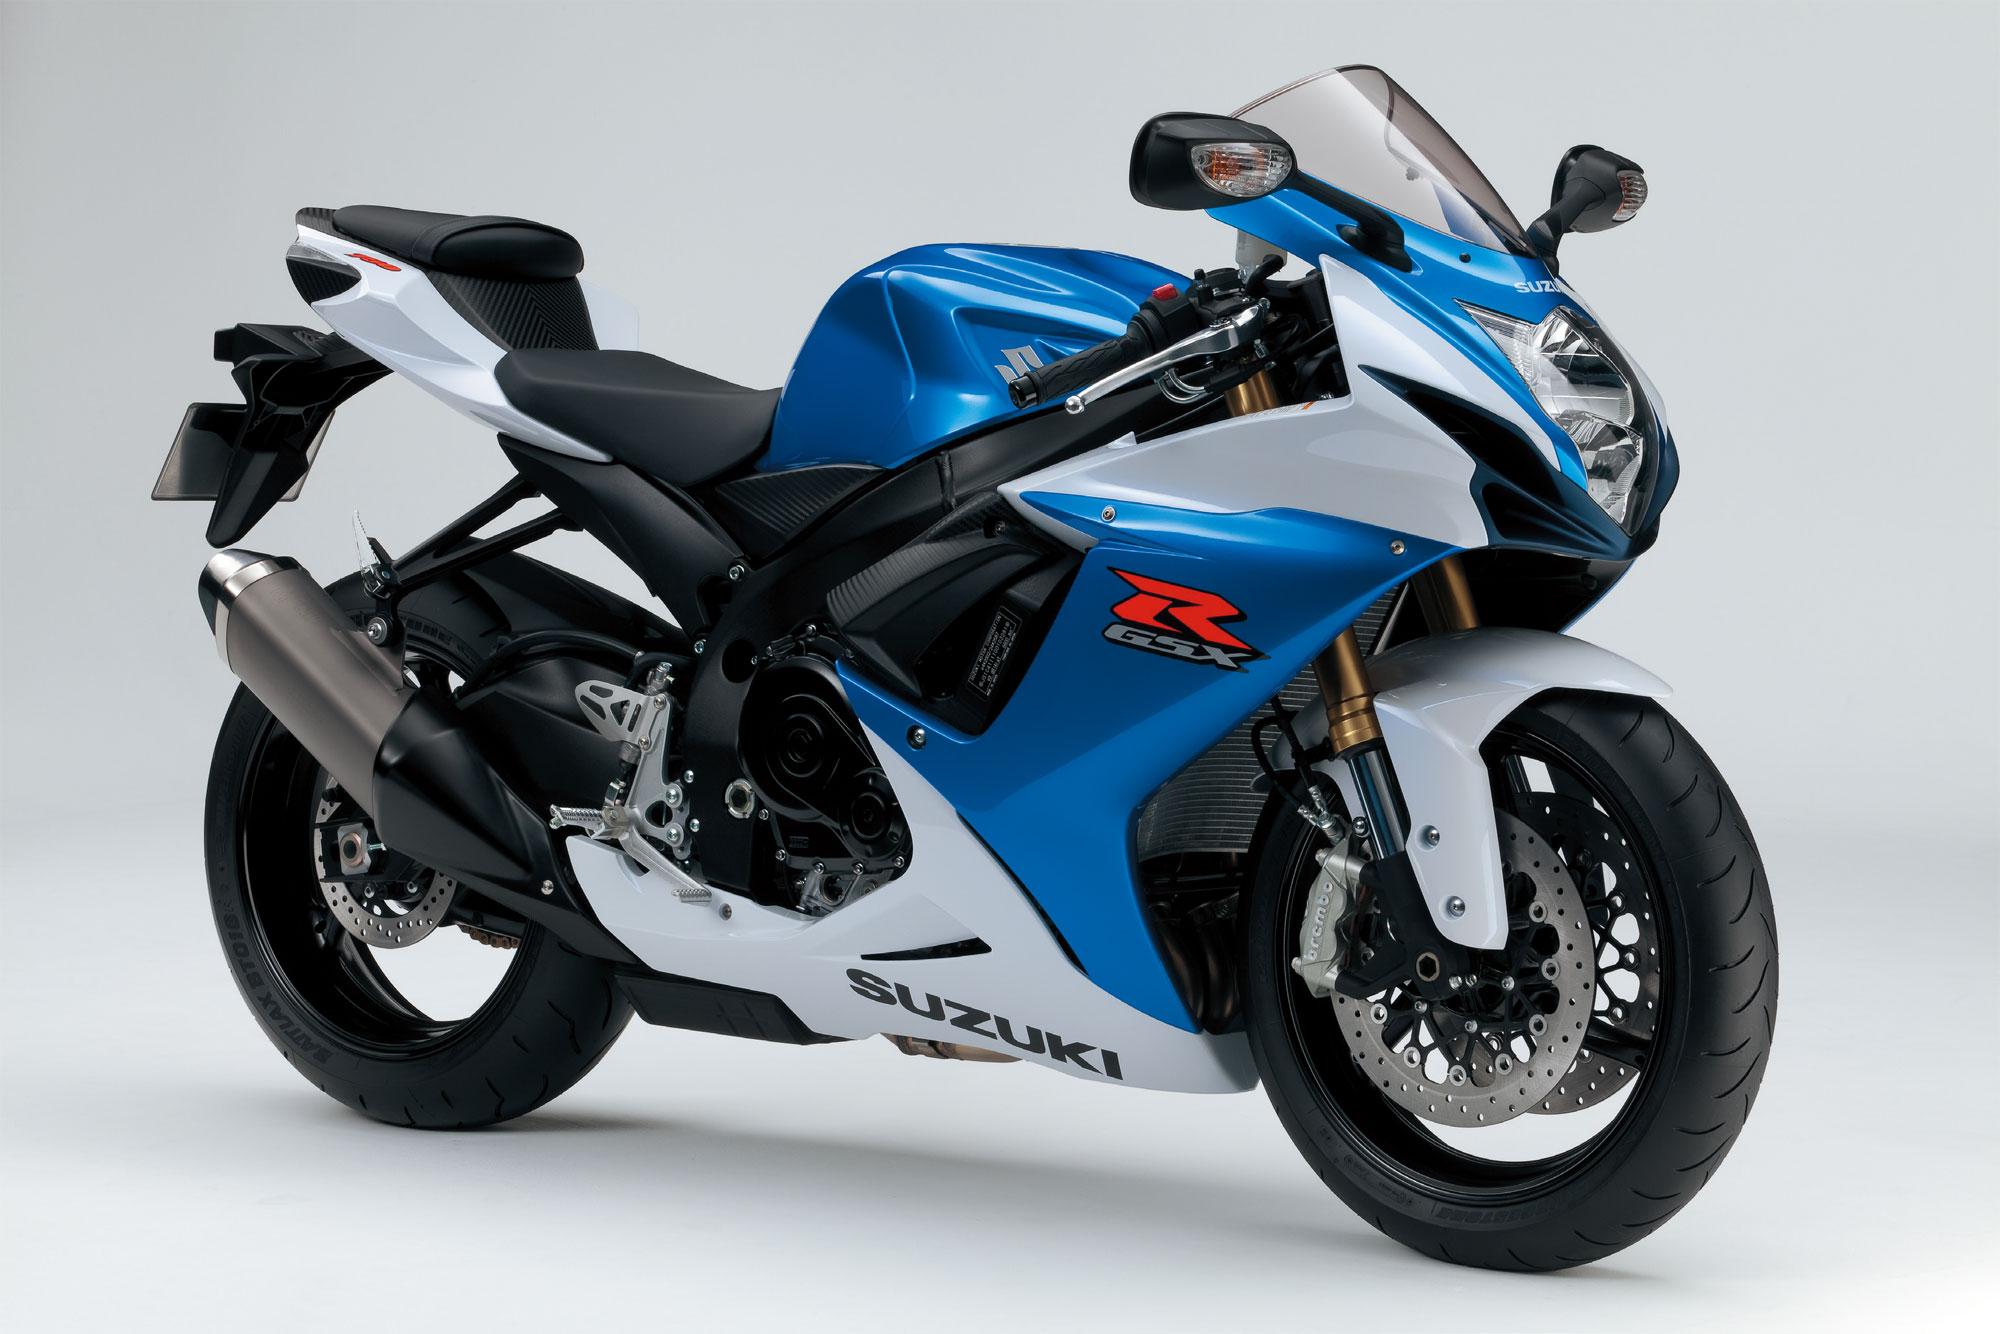 Suzuki GSX-R 750 2013 Datasheet | Suzuki motorcycles news ...